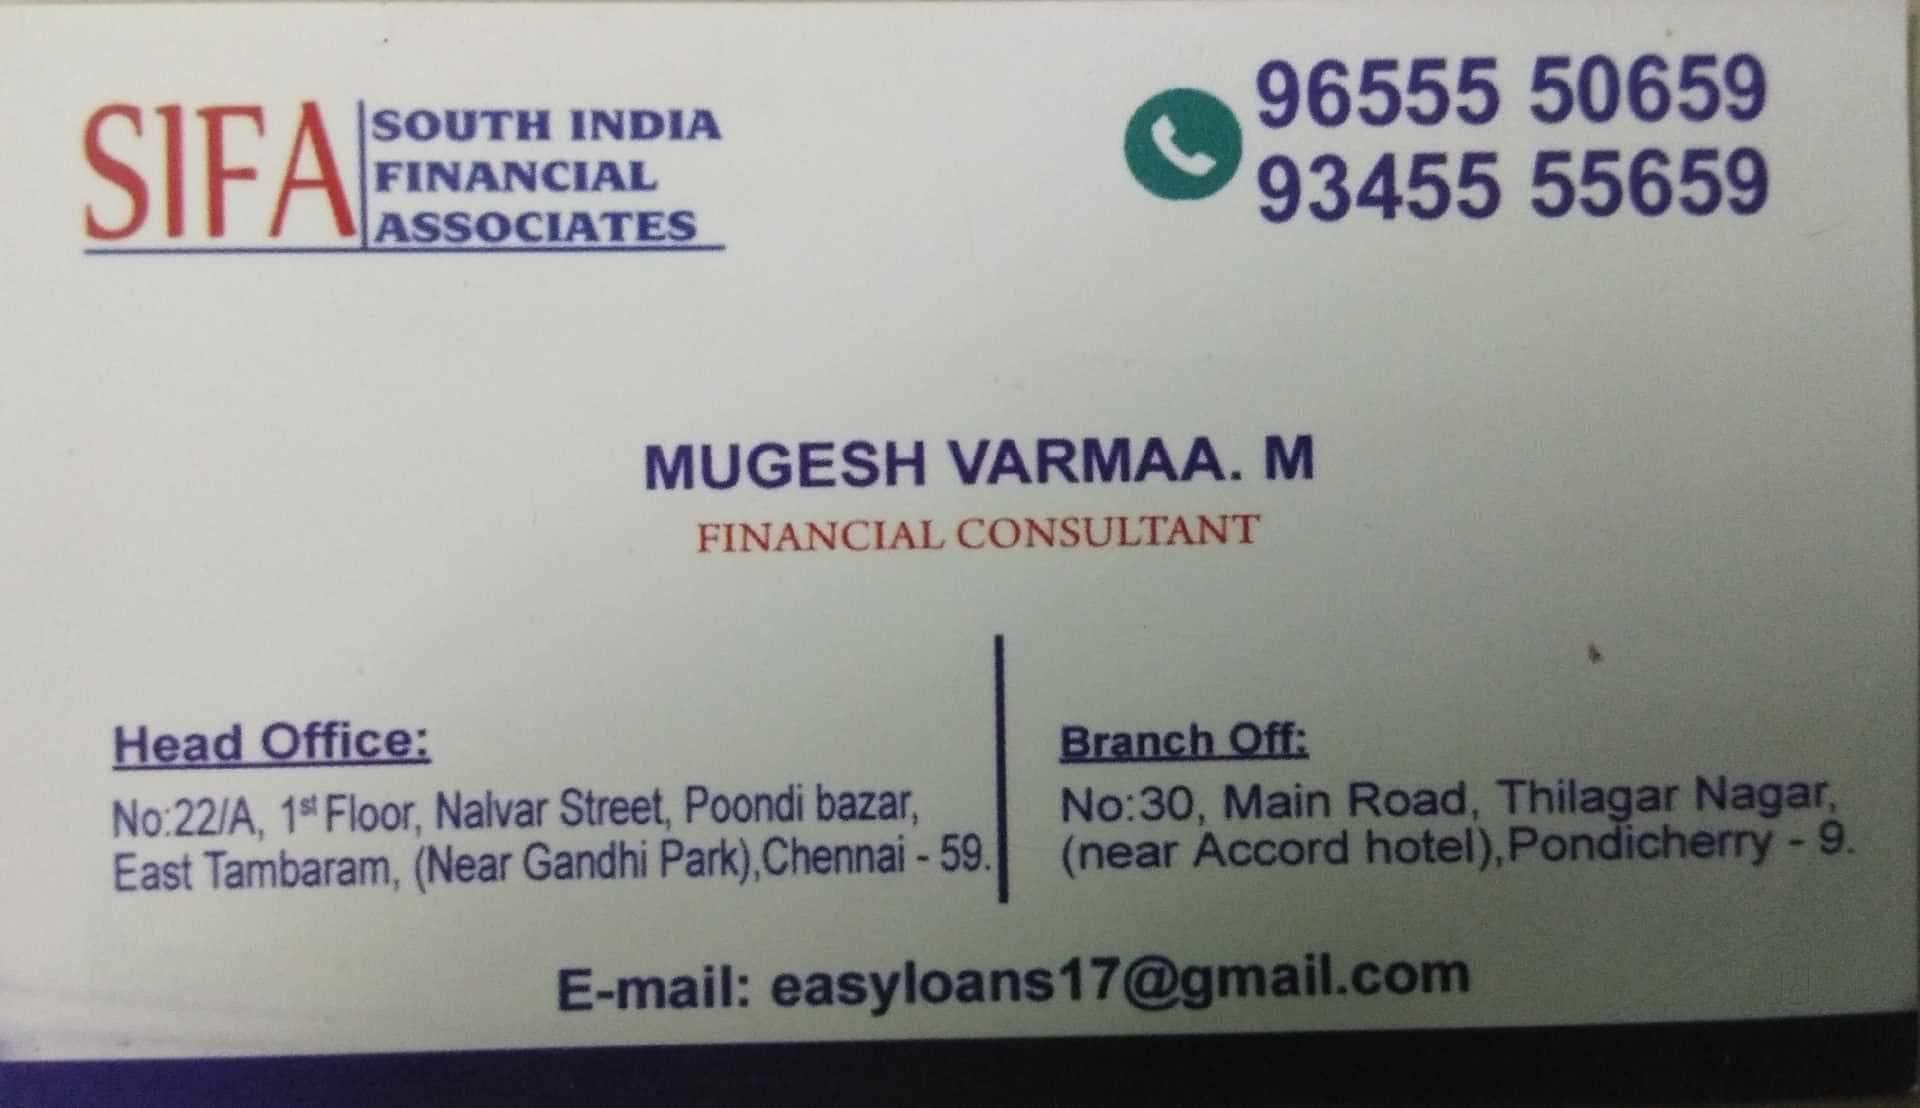 Top 10 Personal Loans Bajaj Finance In Kanchipuram Railway Station Best Bajaj Finance Service Justdial